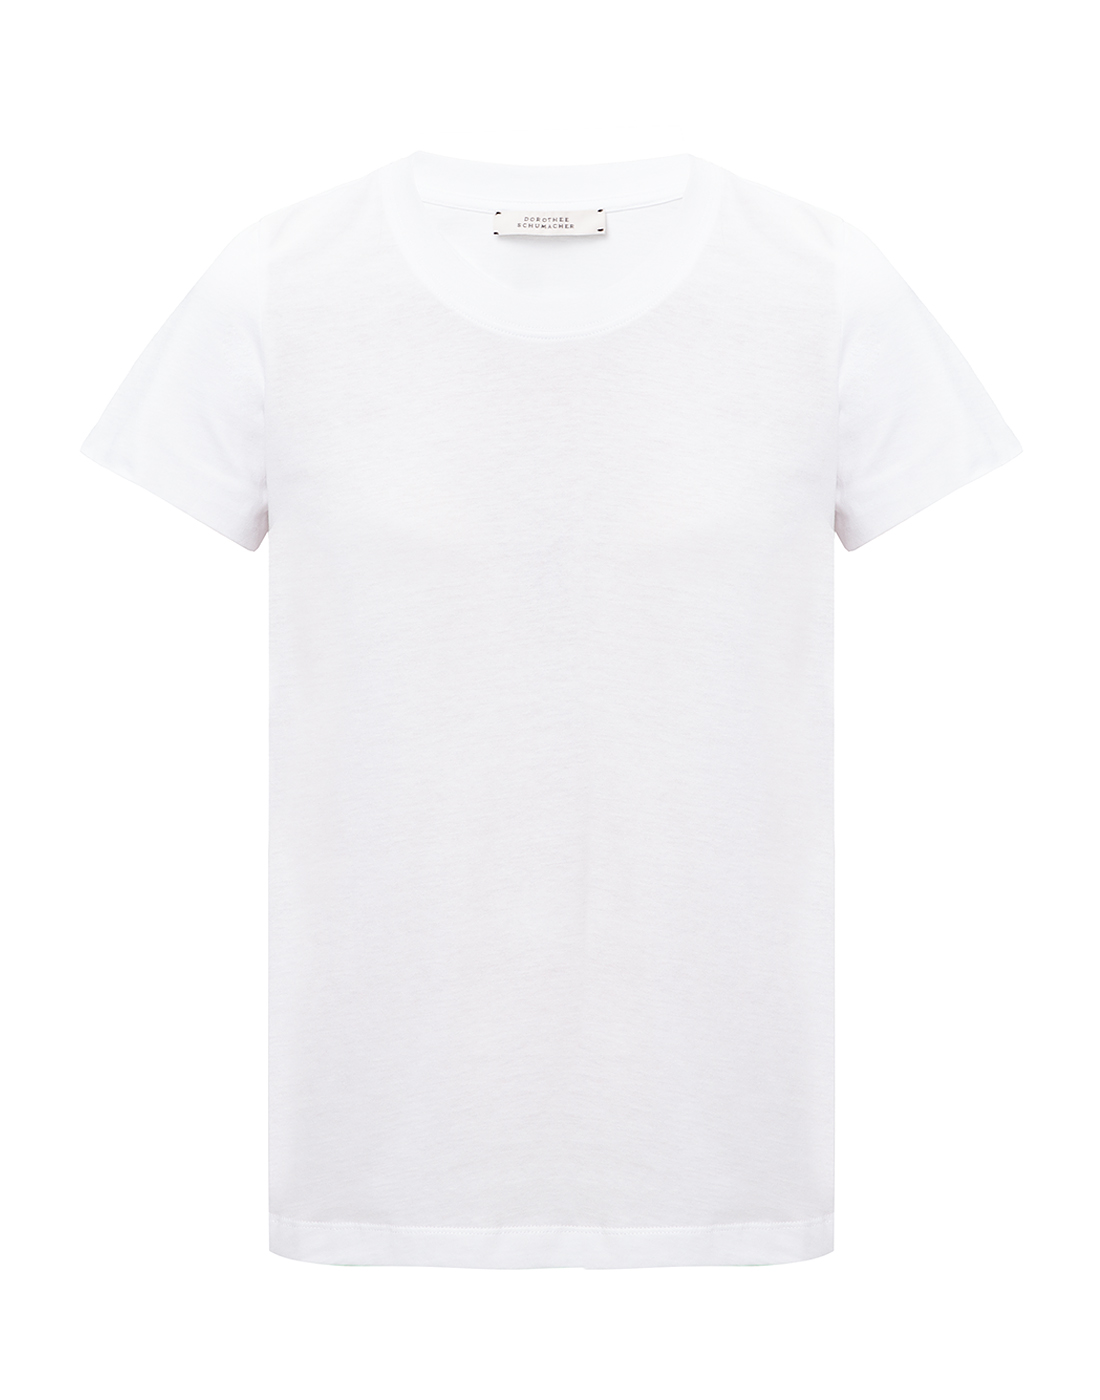 Женская белая футболка Dorothee Schumacher S623001/100-1